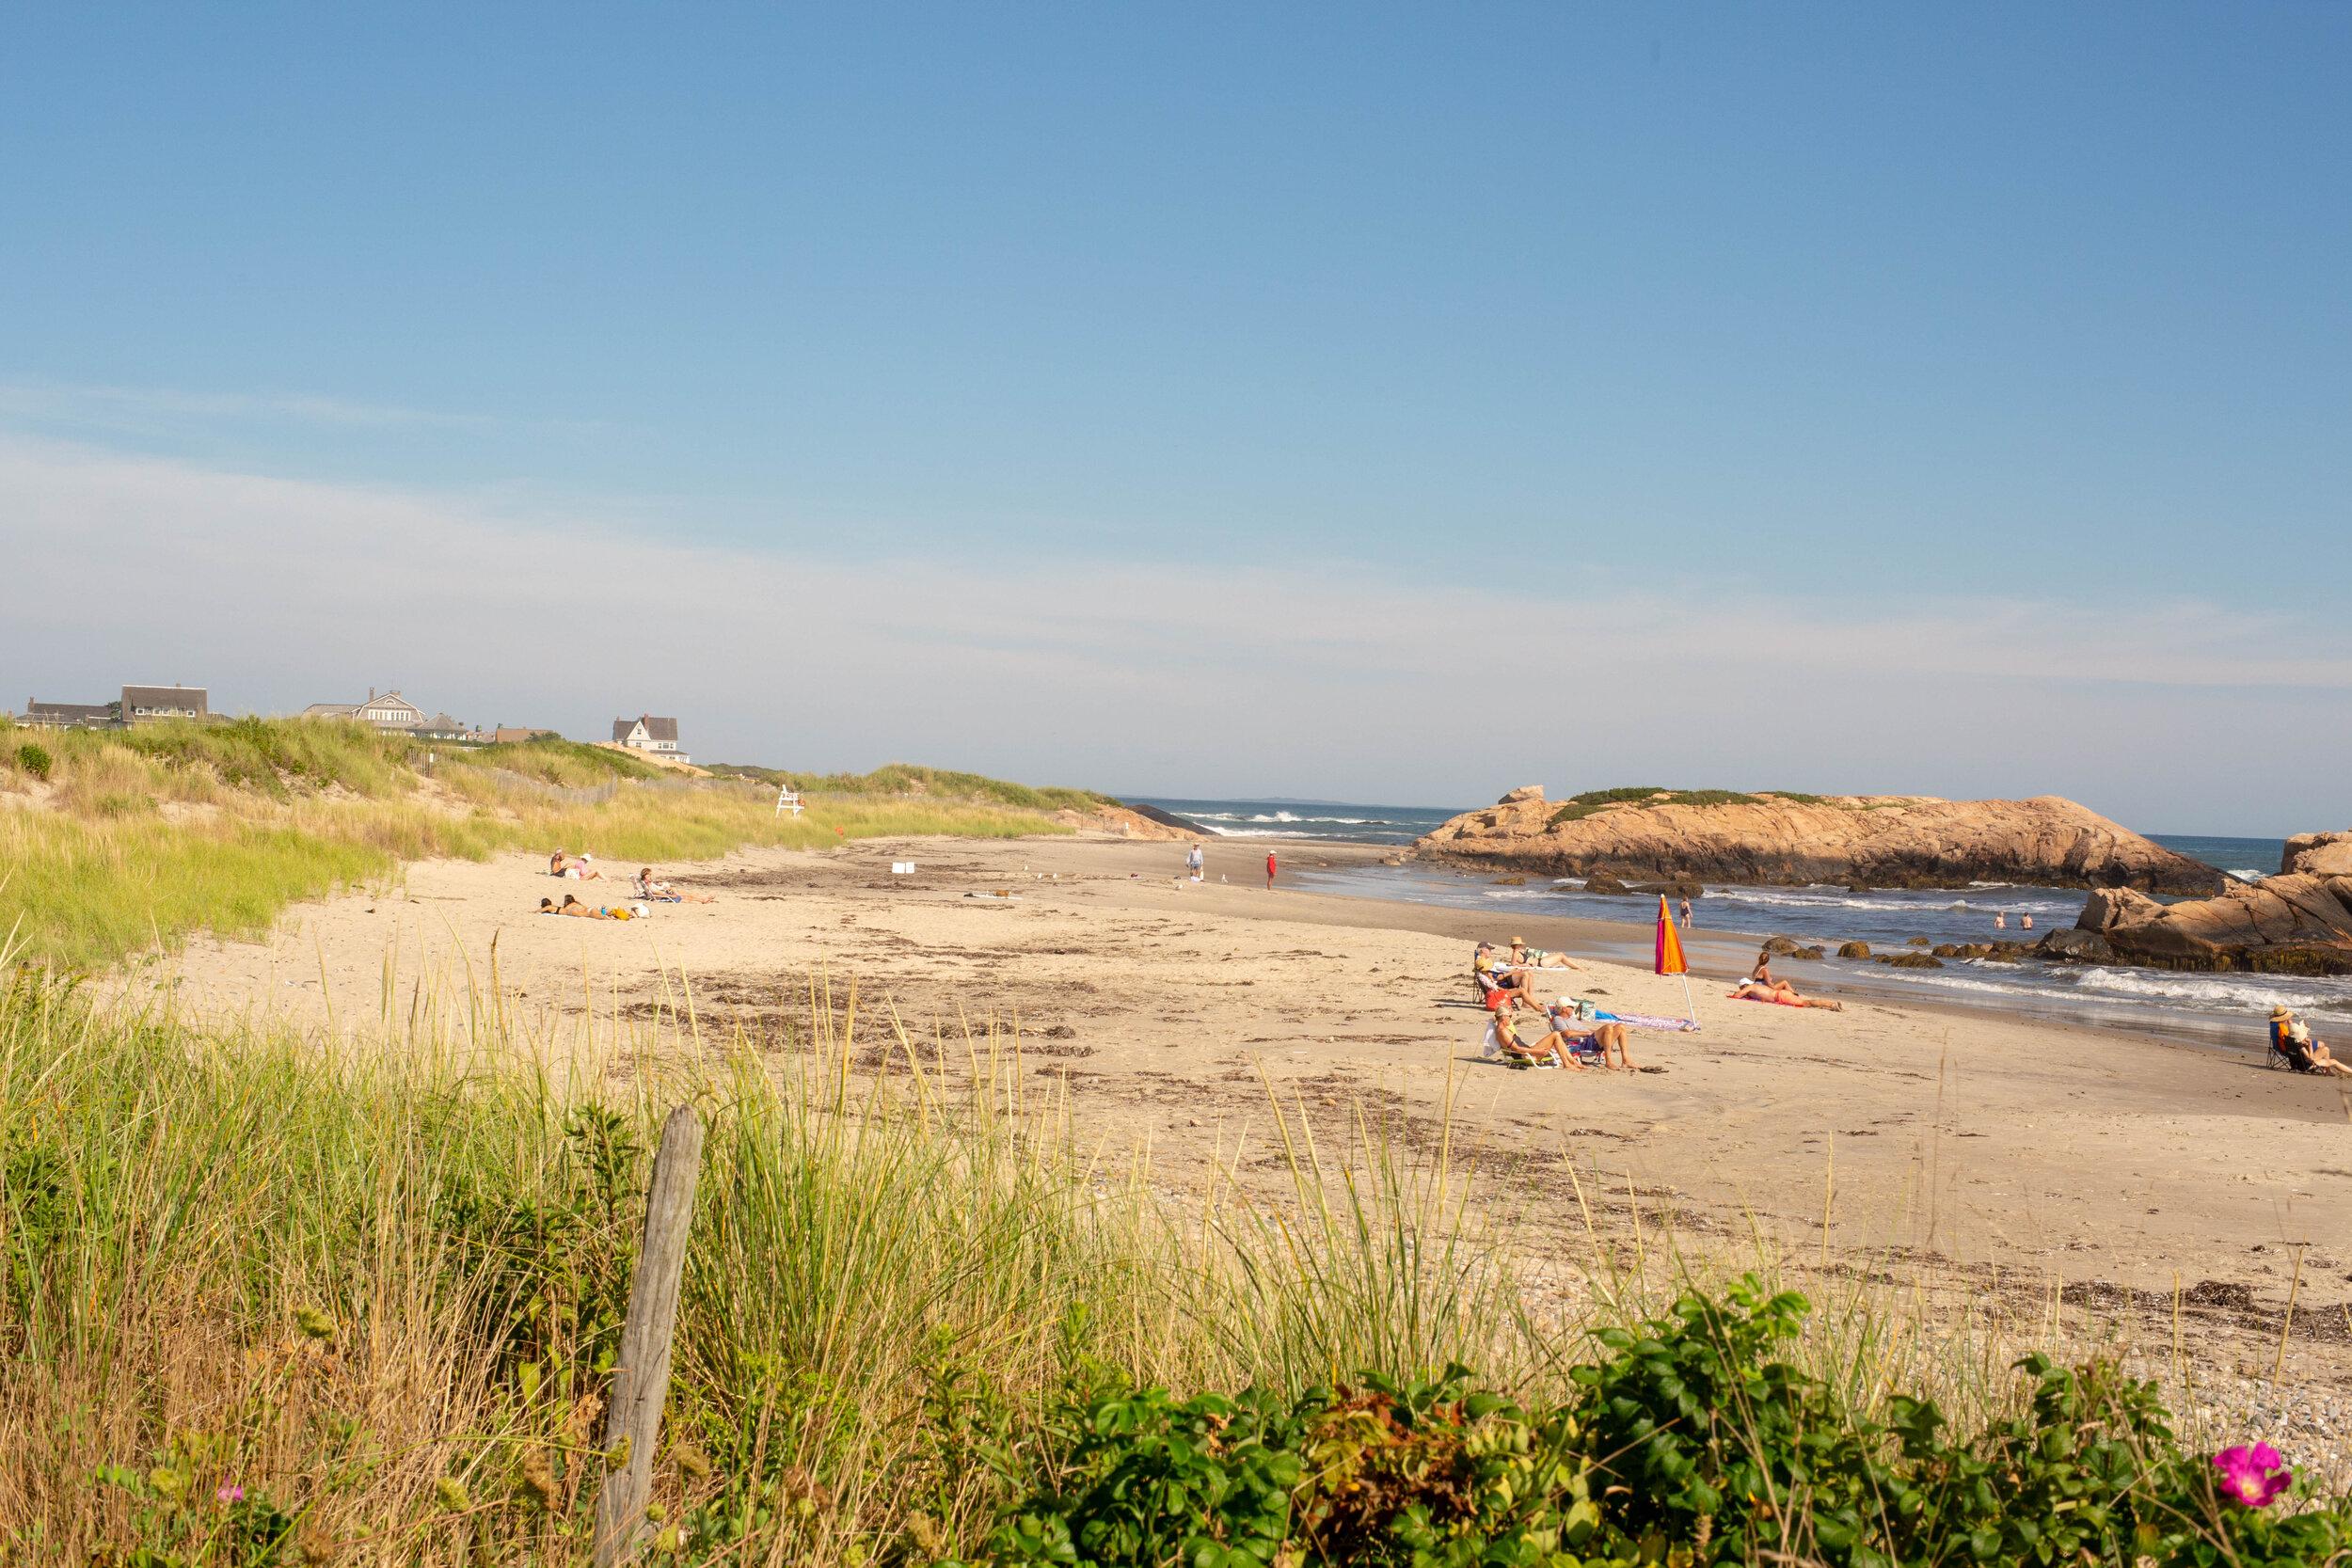 Rhode Island 190830 069.jpg